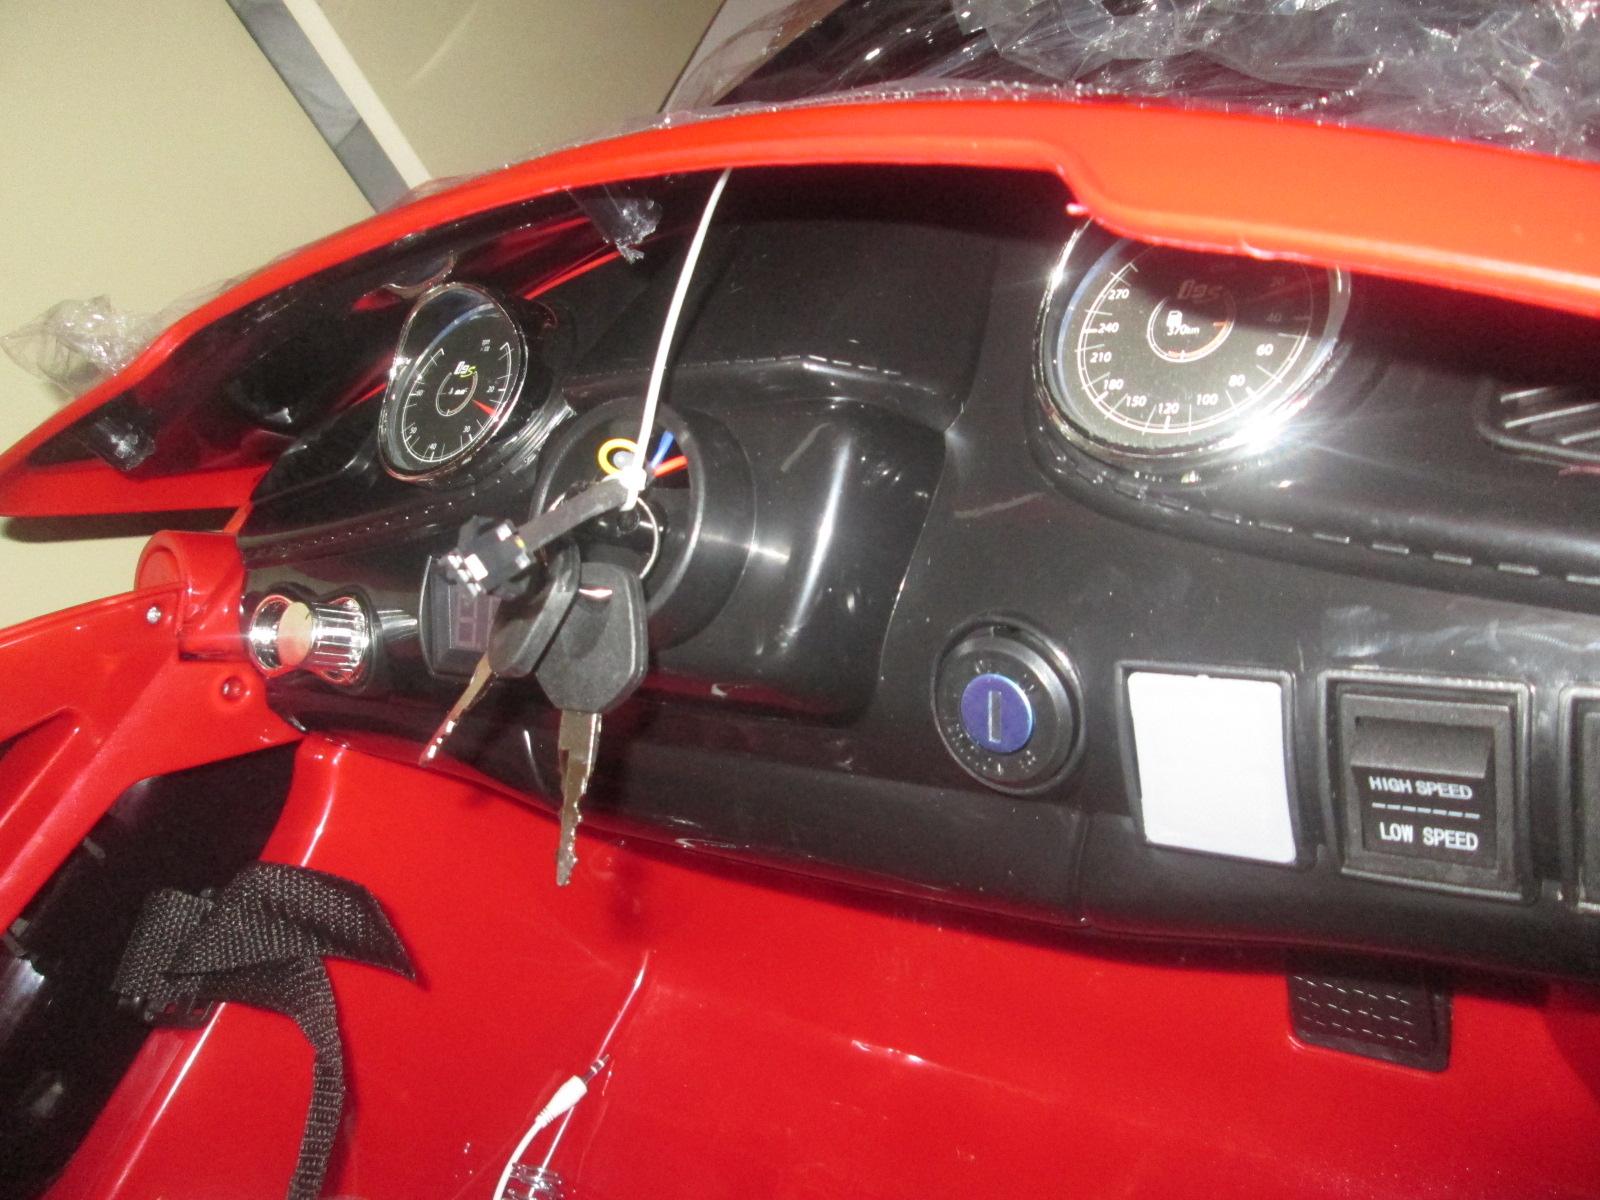 Lukáškovi sme kúpili elektrické autíčko pre deti. Tu sú prvé skúsenosti